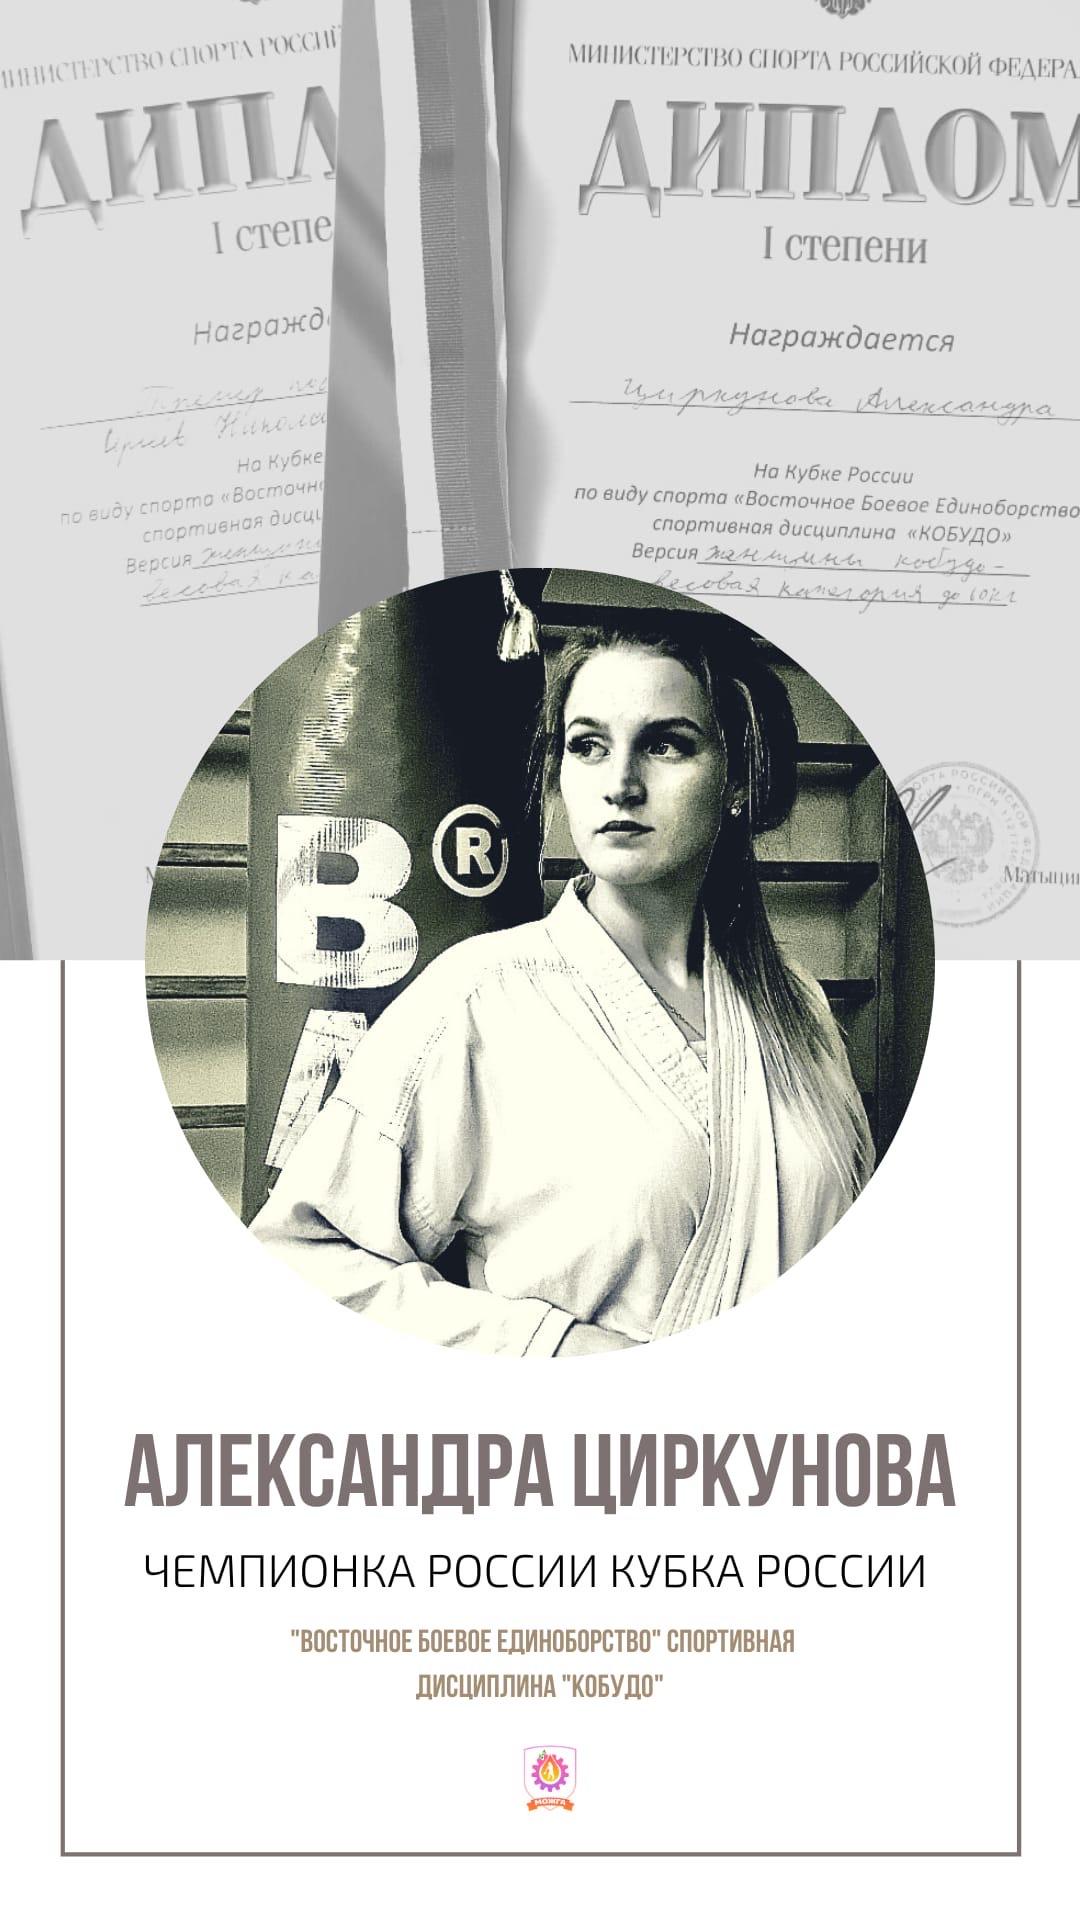 Каратистка города Можги Александра Циркунова завоевала золото и снова стала чемпионкой России Кубка России по виду спорта